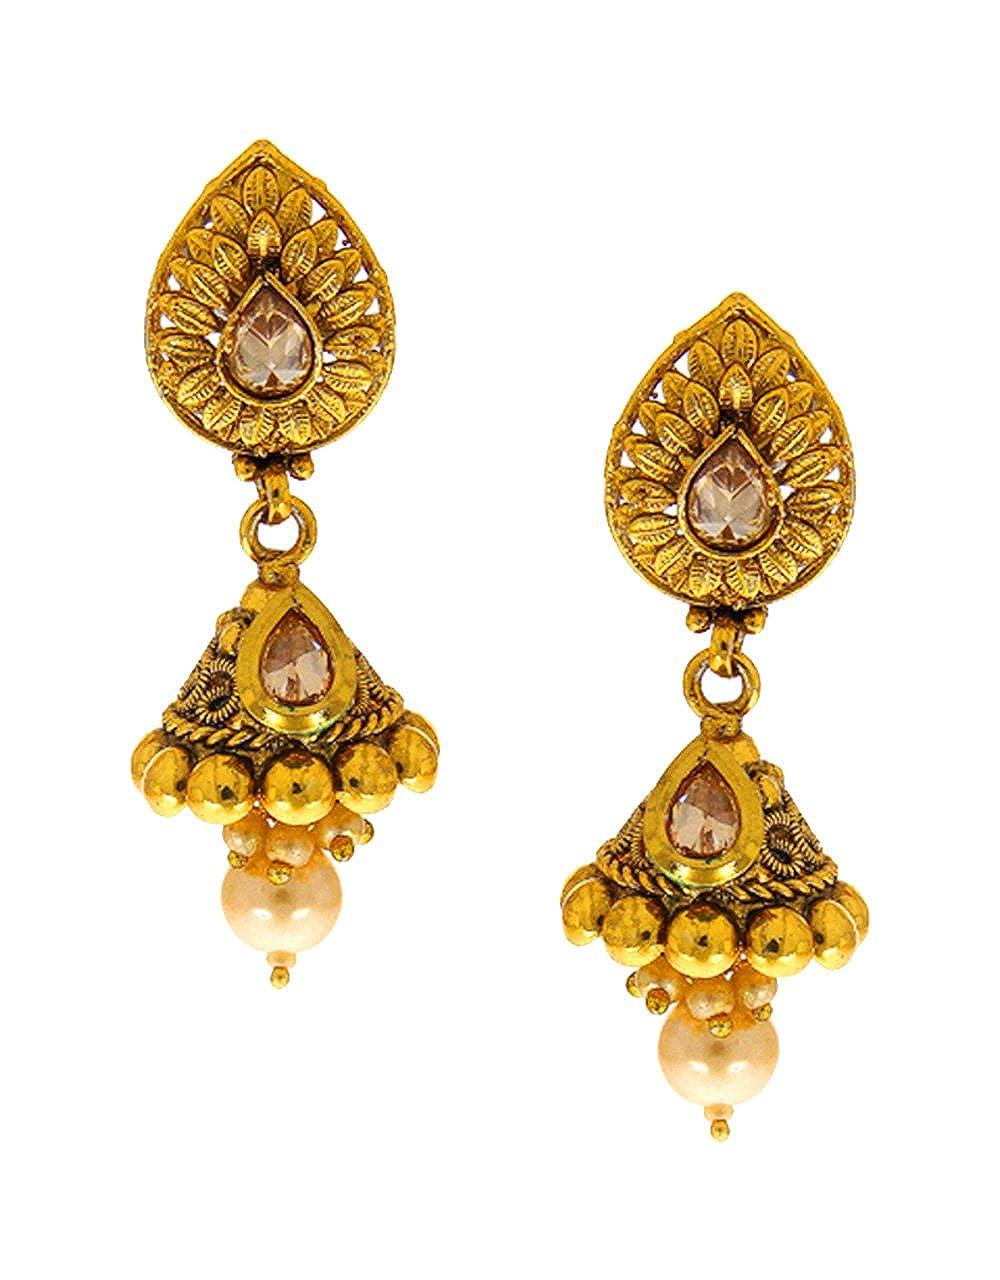 Anuradha Art Gold Finsih Studded Sparkling Stone Traditional Earrings Jhumki For Women//Girls